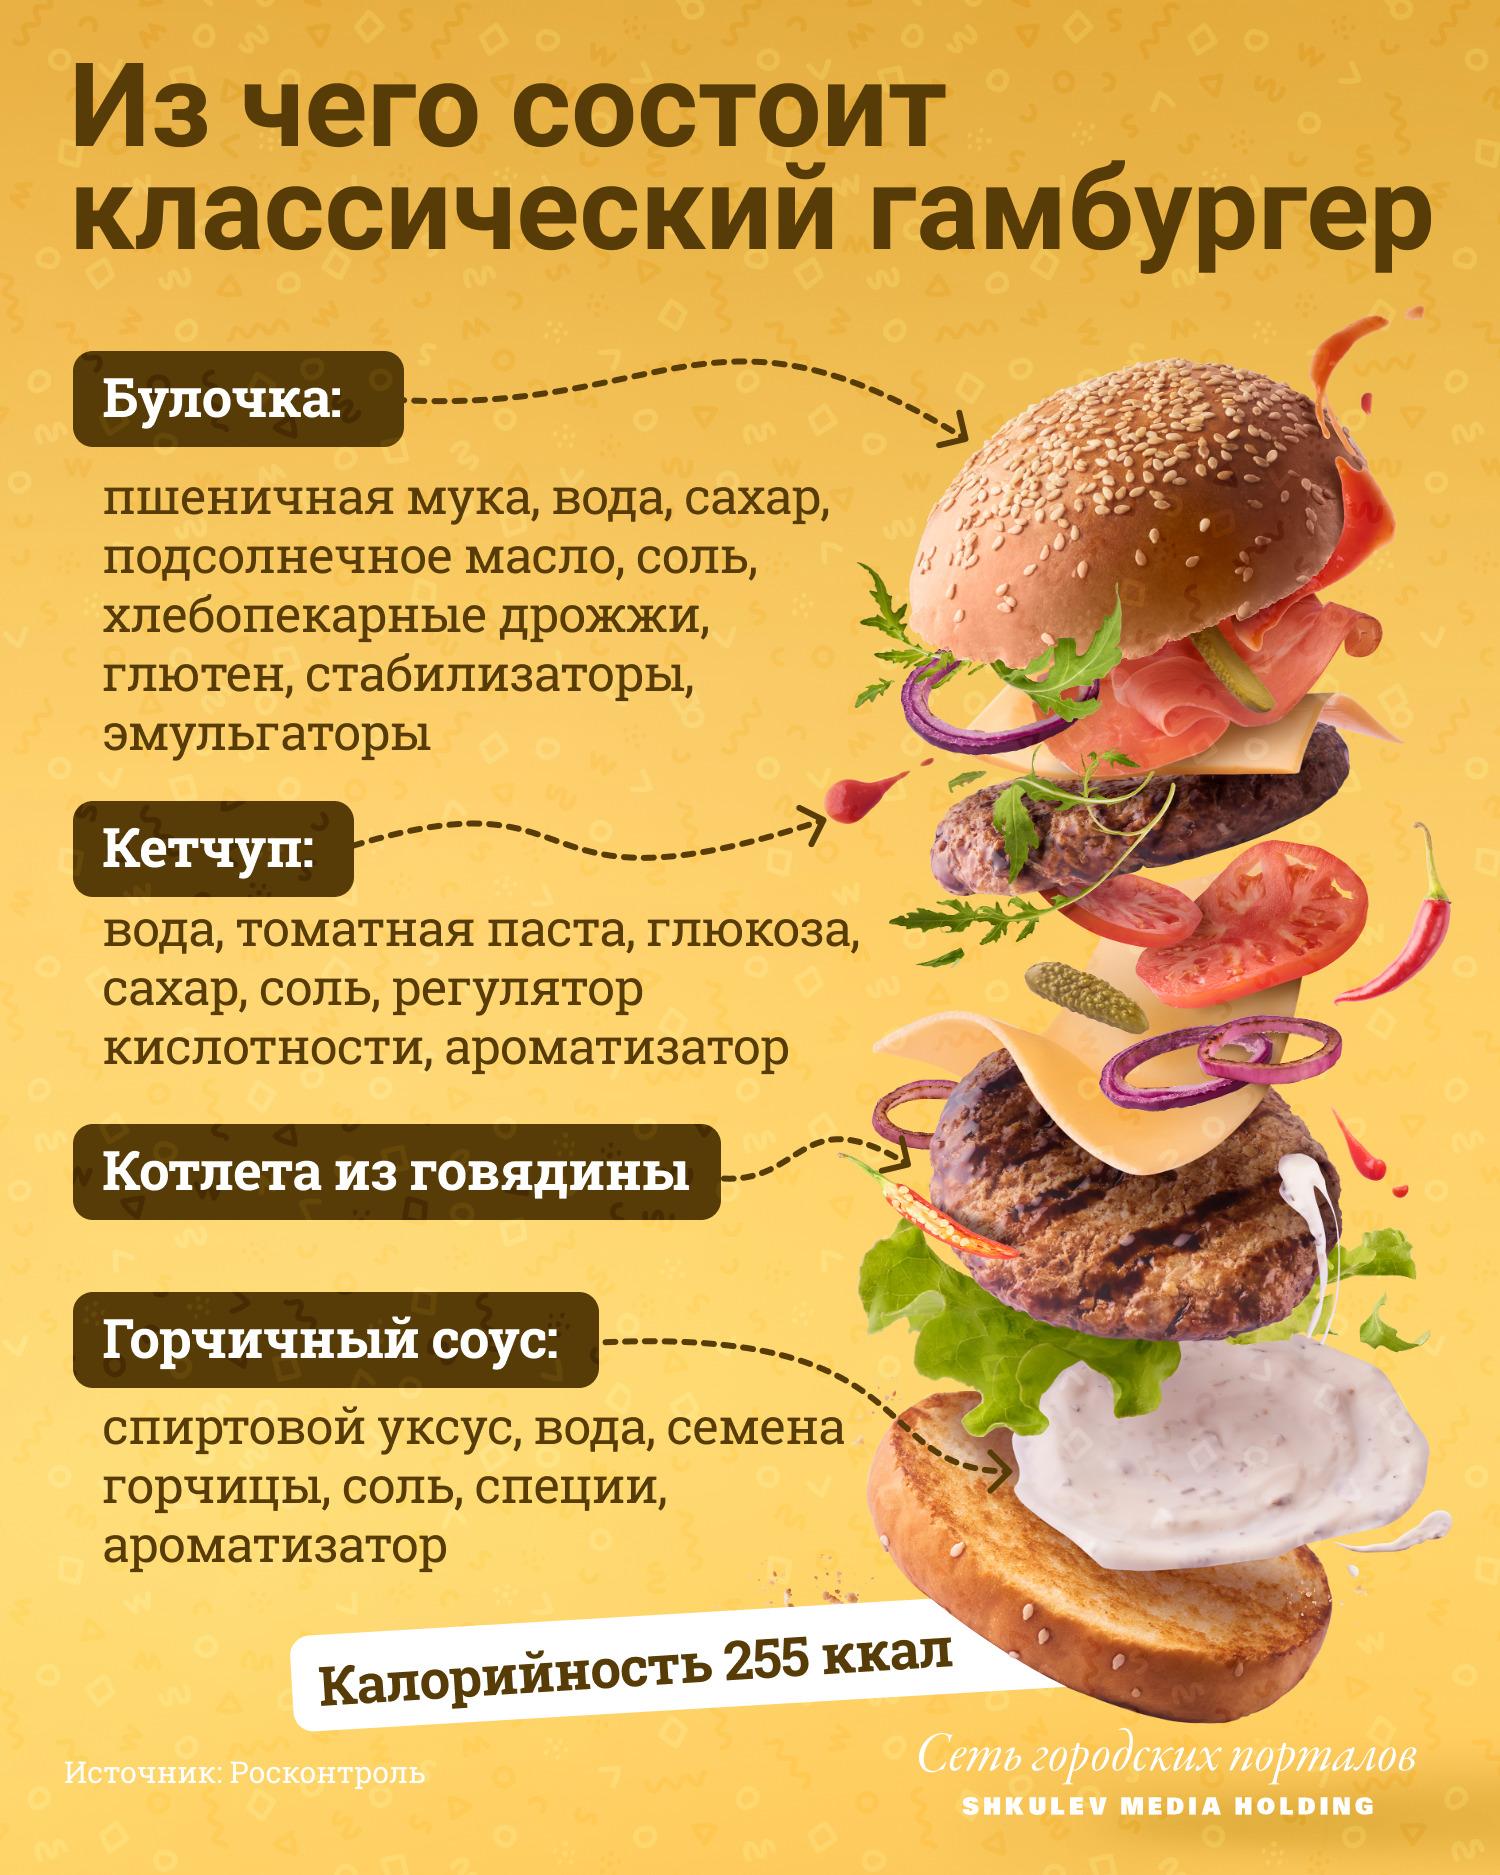 Состав самого обычного гамбургера